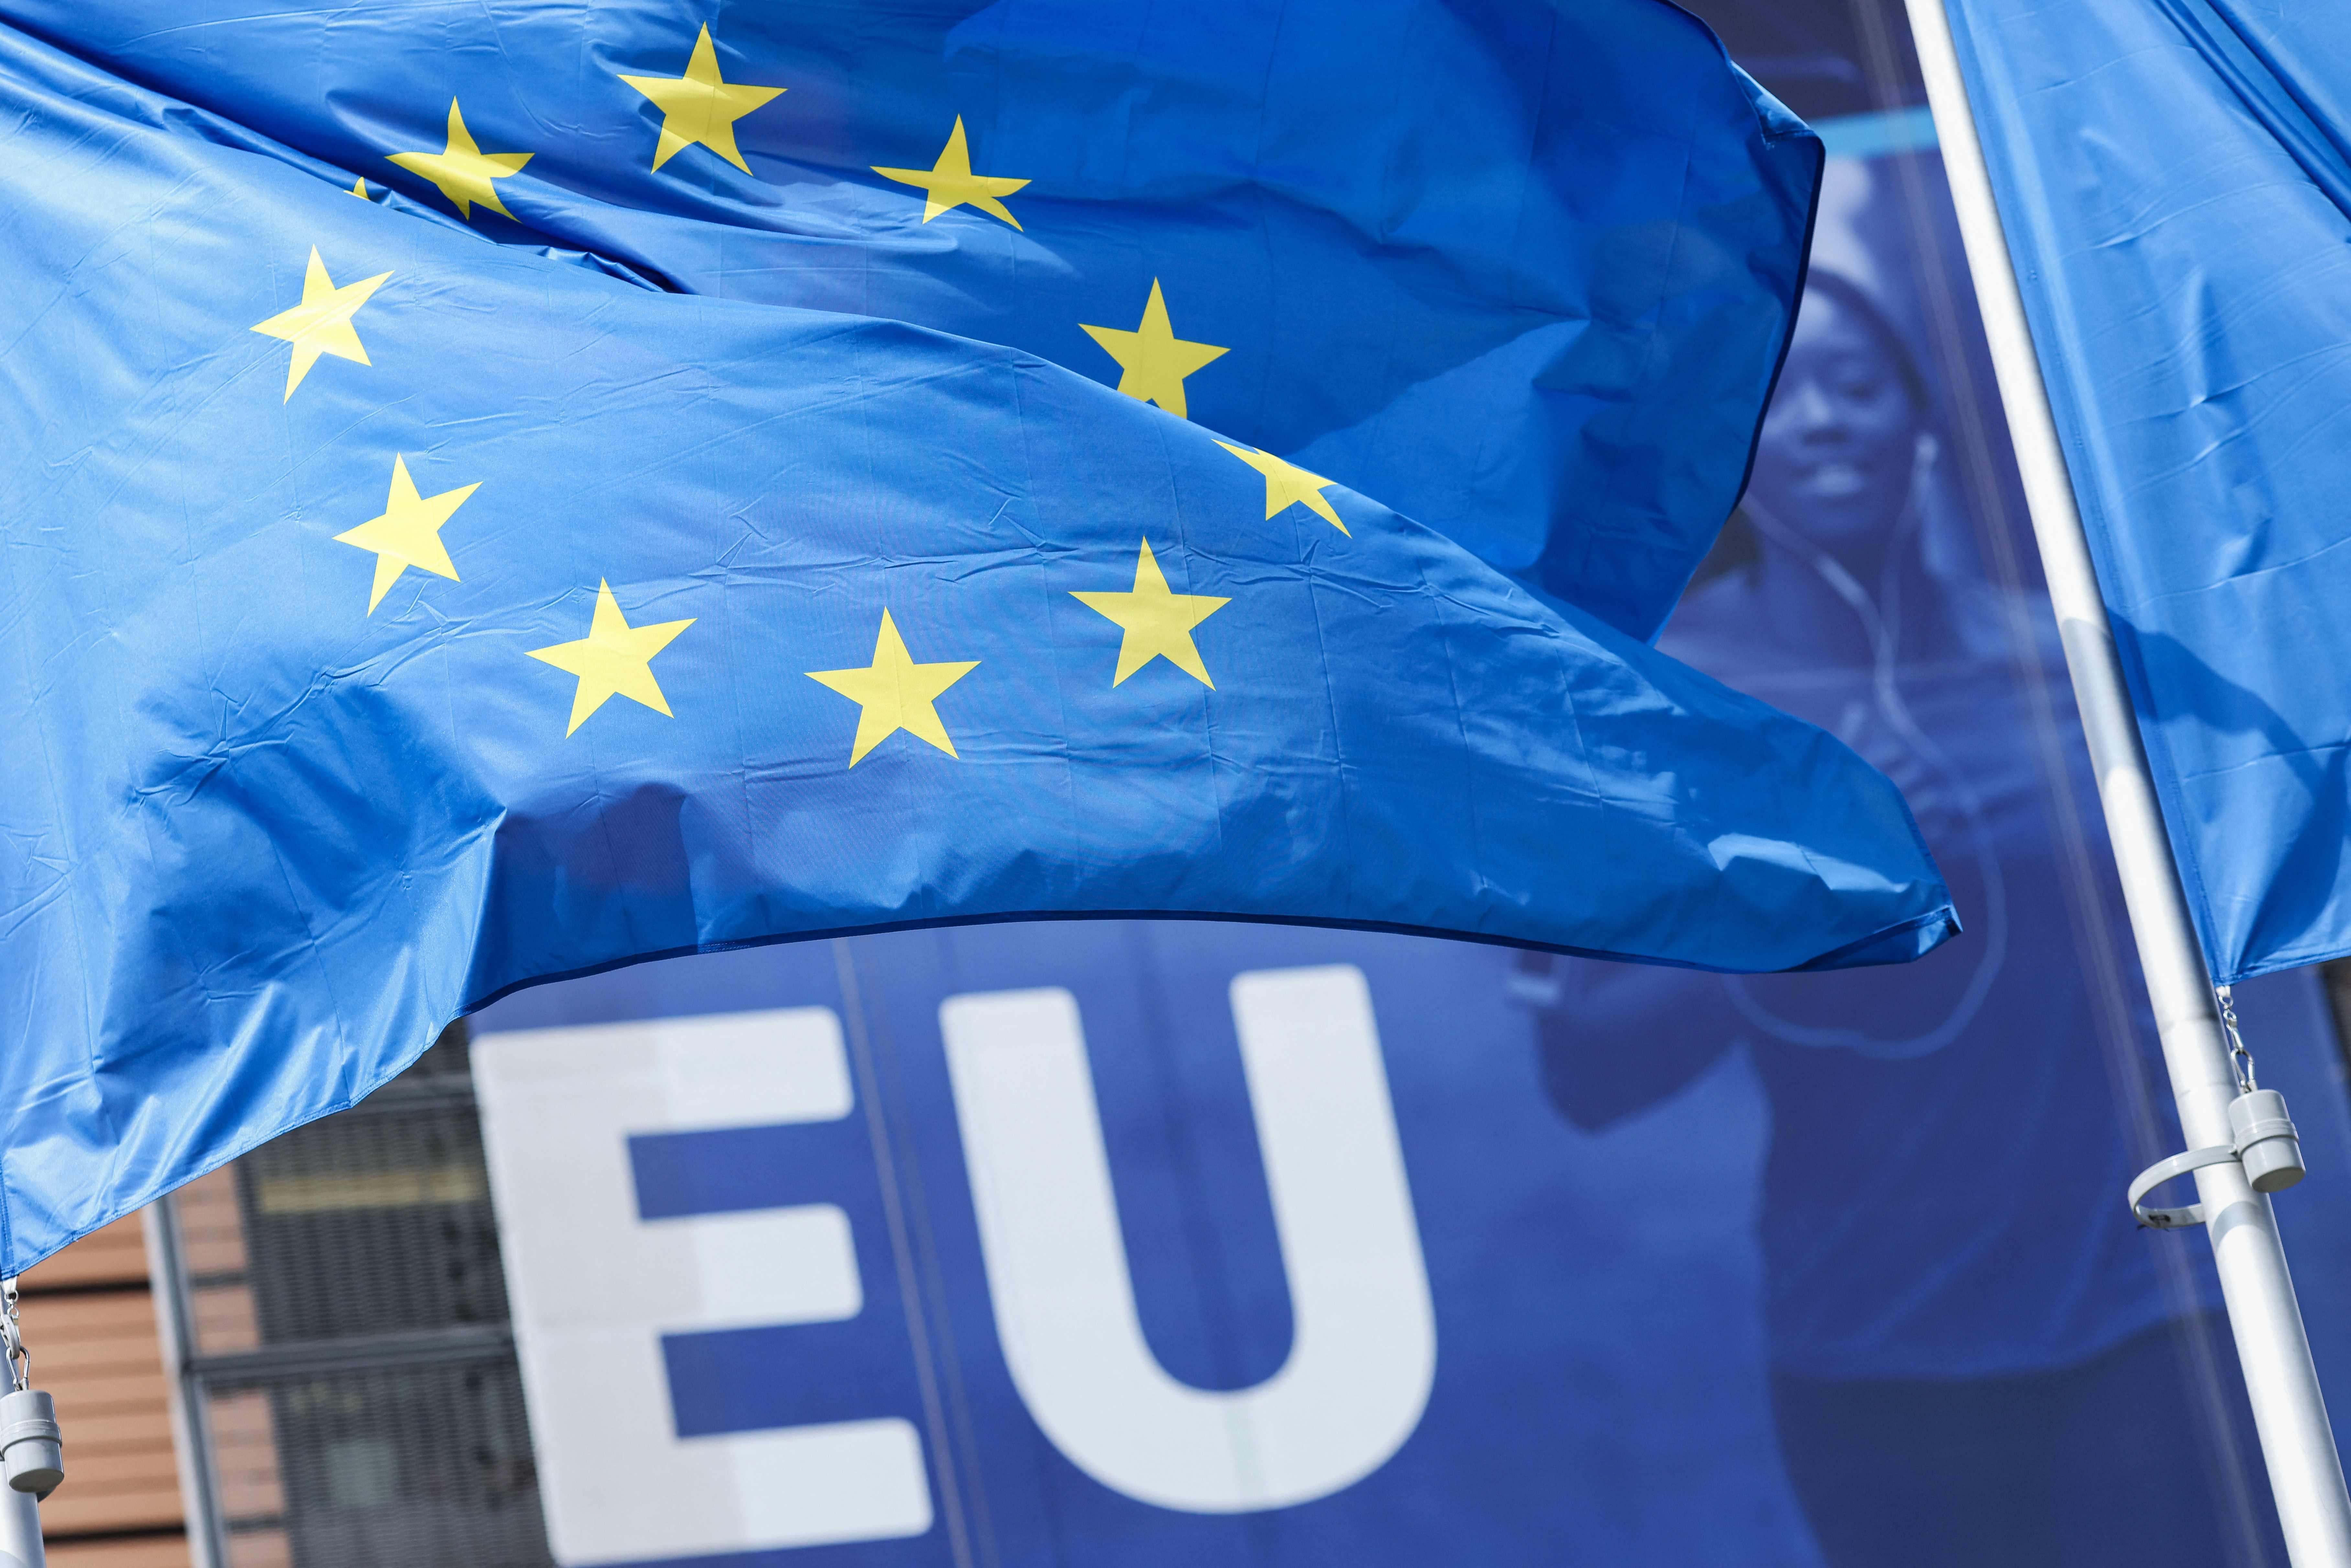 We mogen blij zijn met de EU: wanneer de mens niet samenwerkt, rest niks anders dan ruziemaken | Commentaar